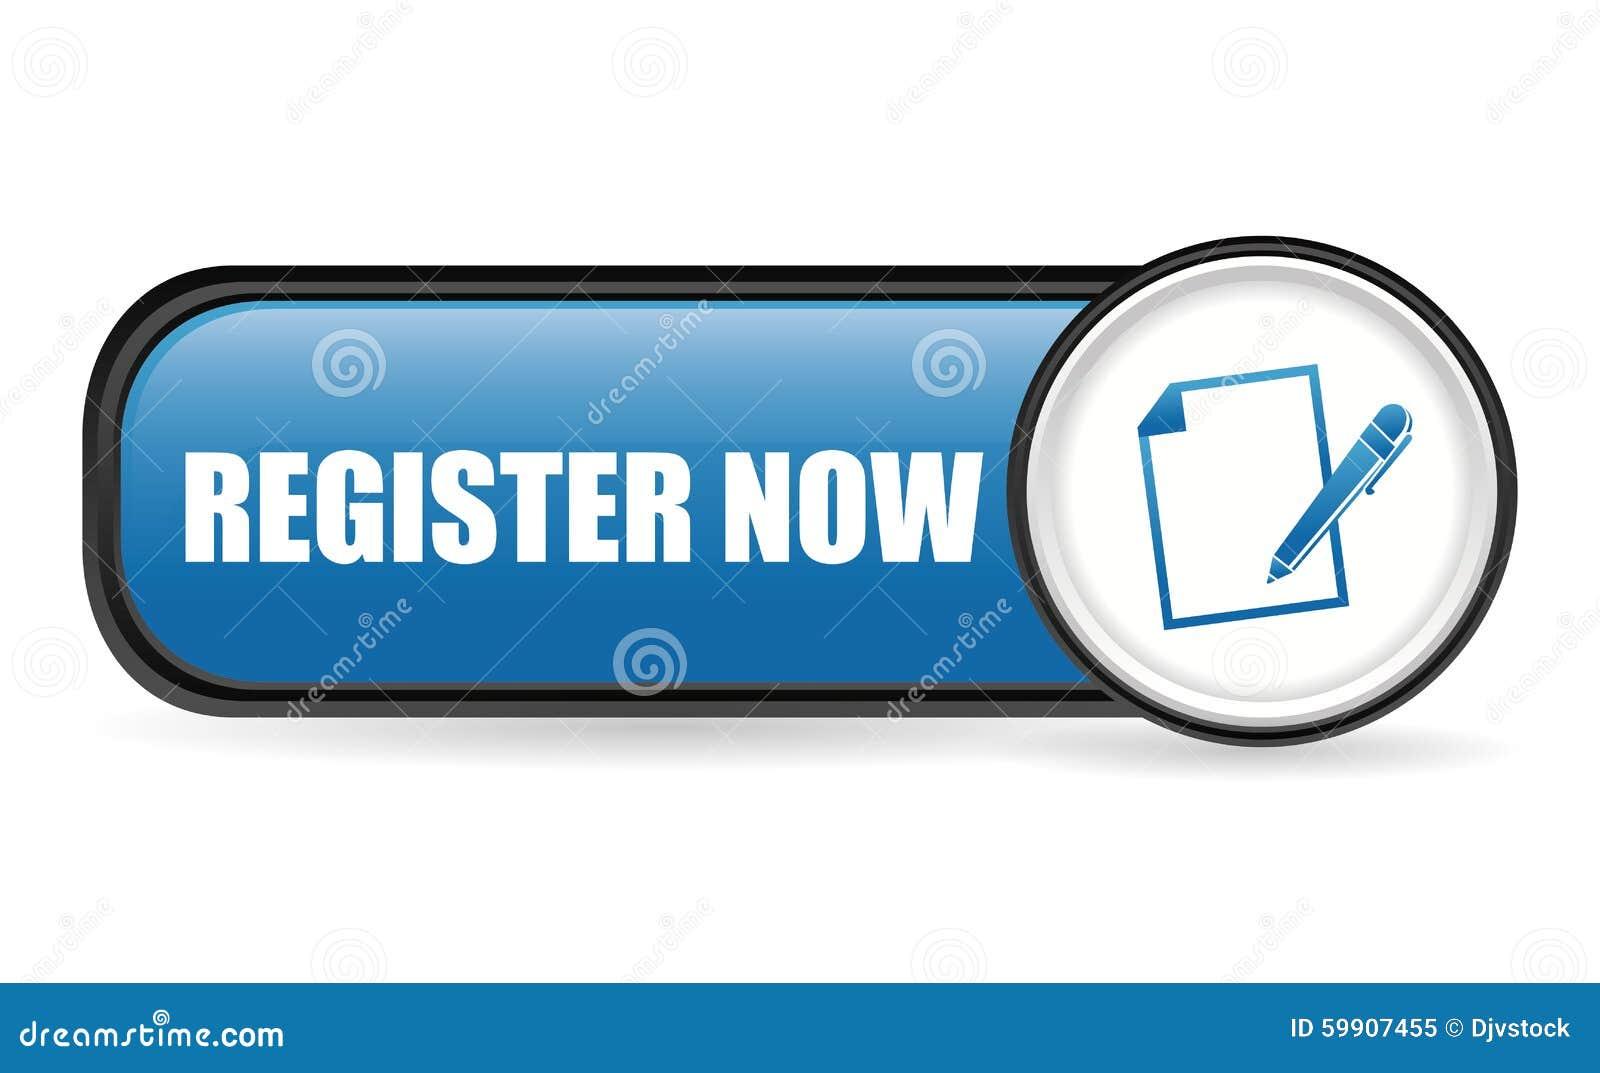 Register Over